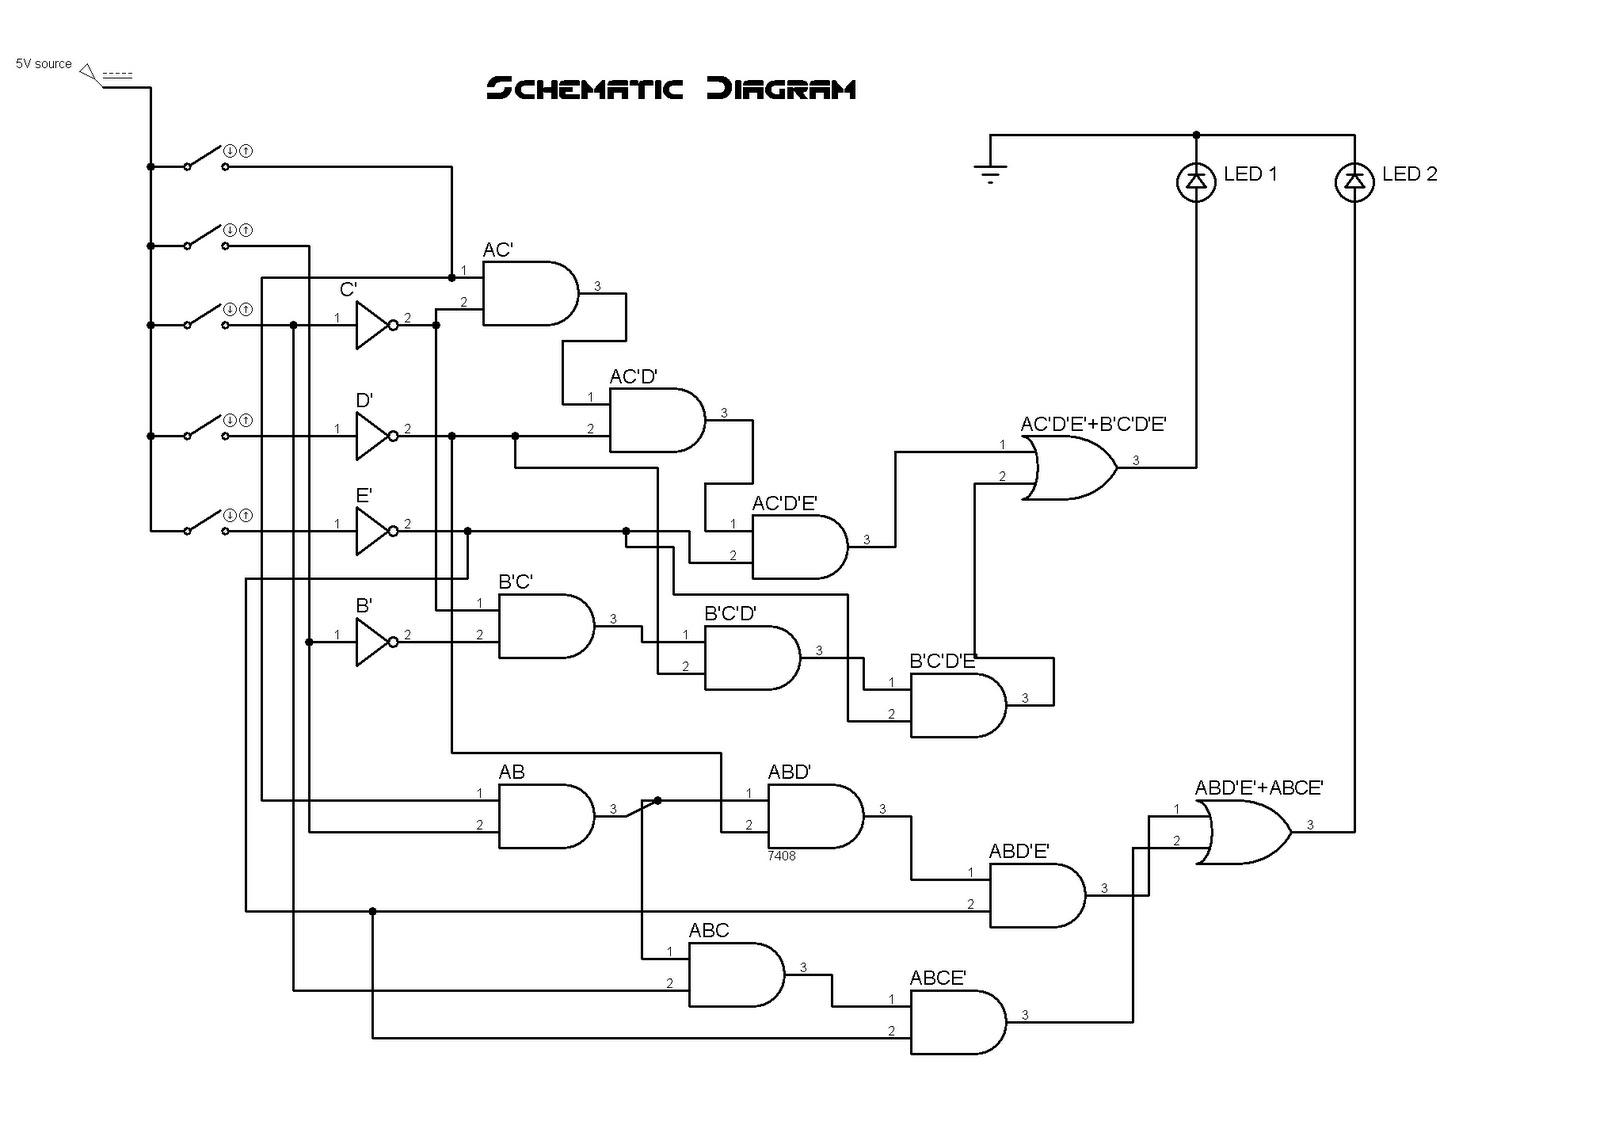 [DIAGRAM] Block Logic Circuits Diagram FULL Version HD